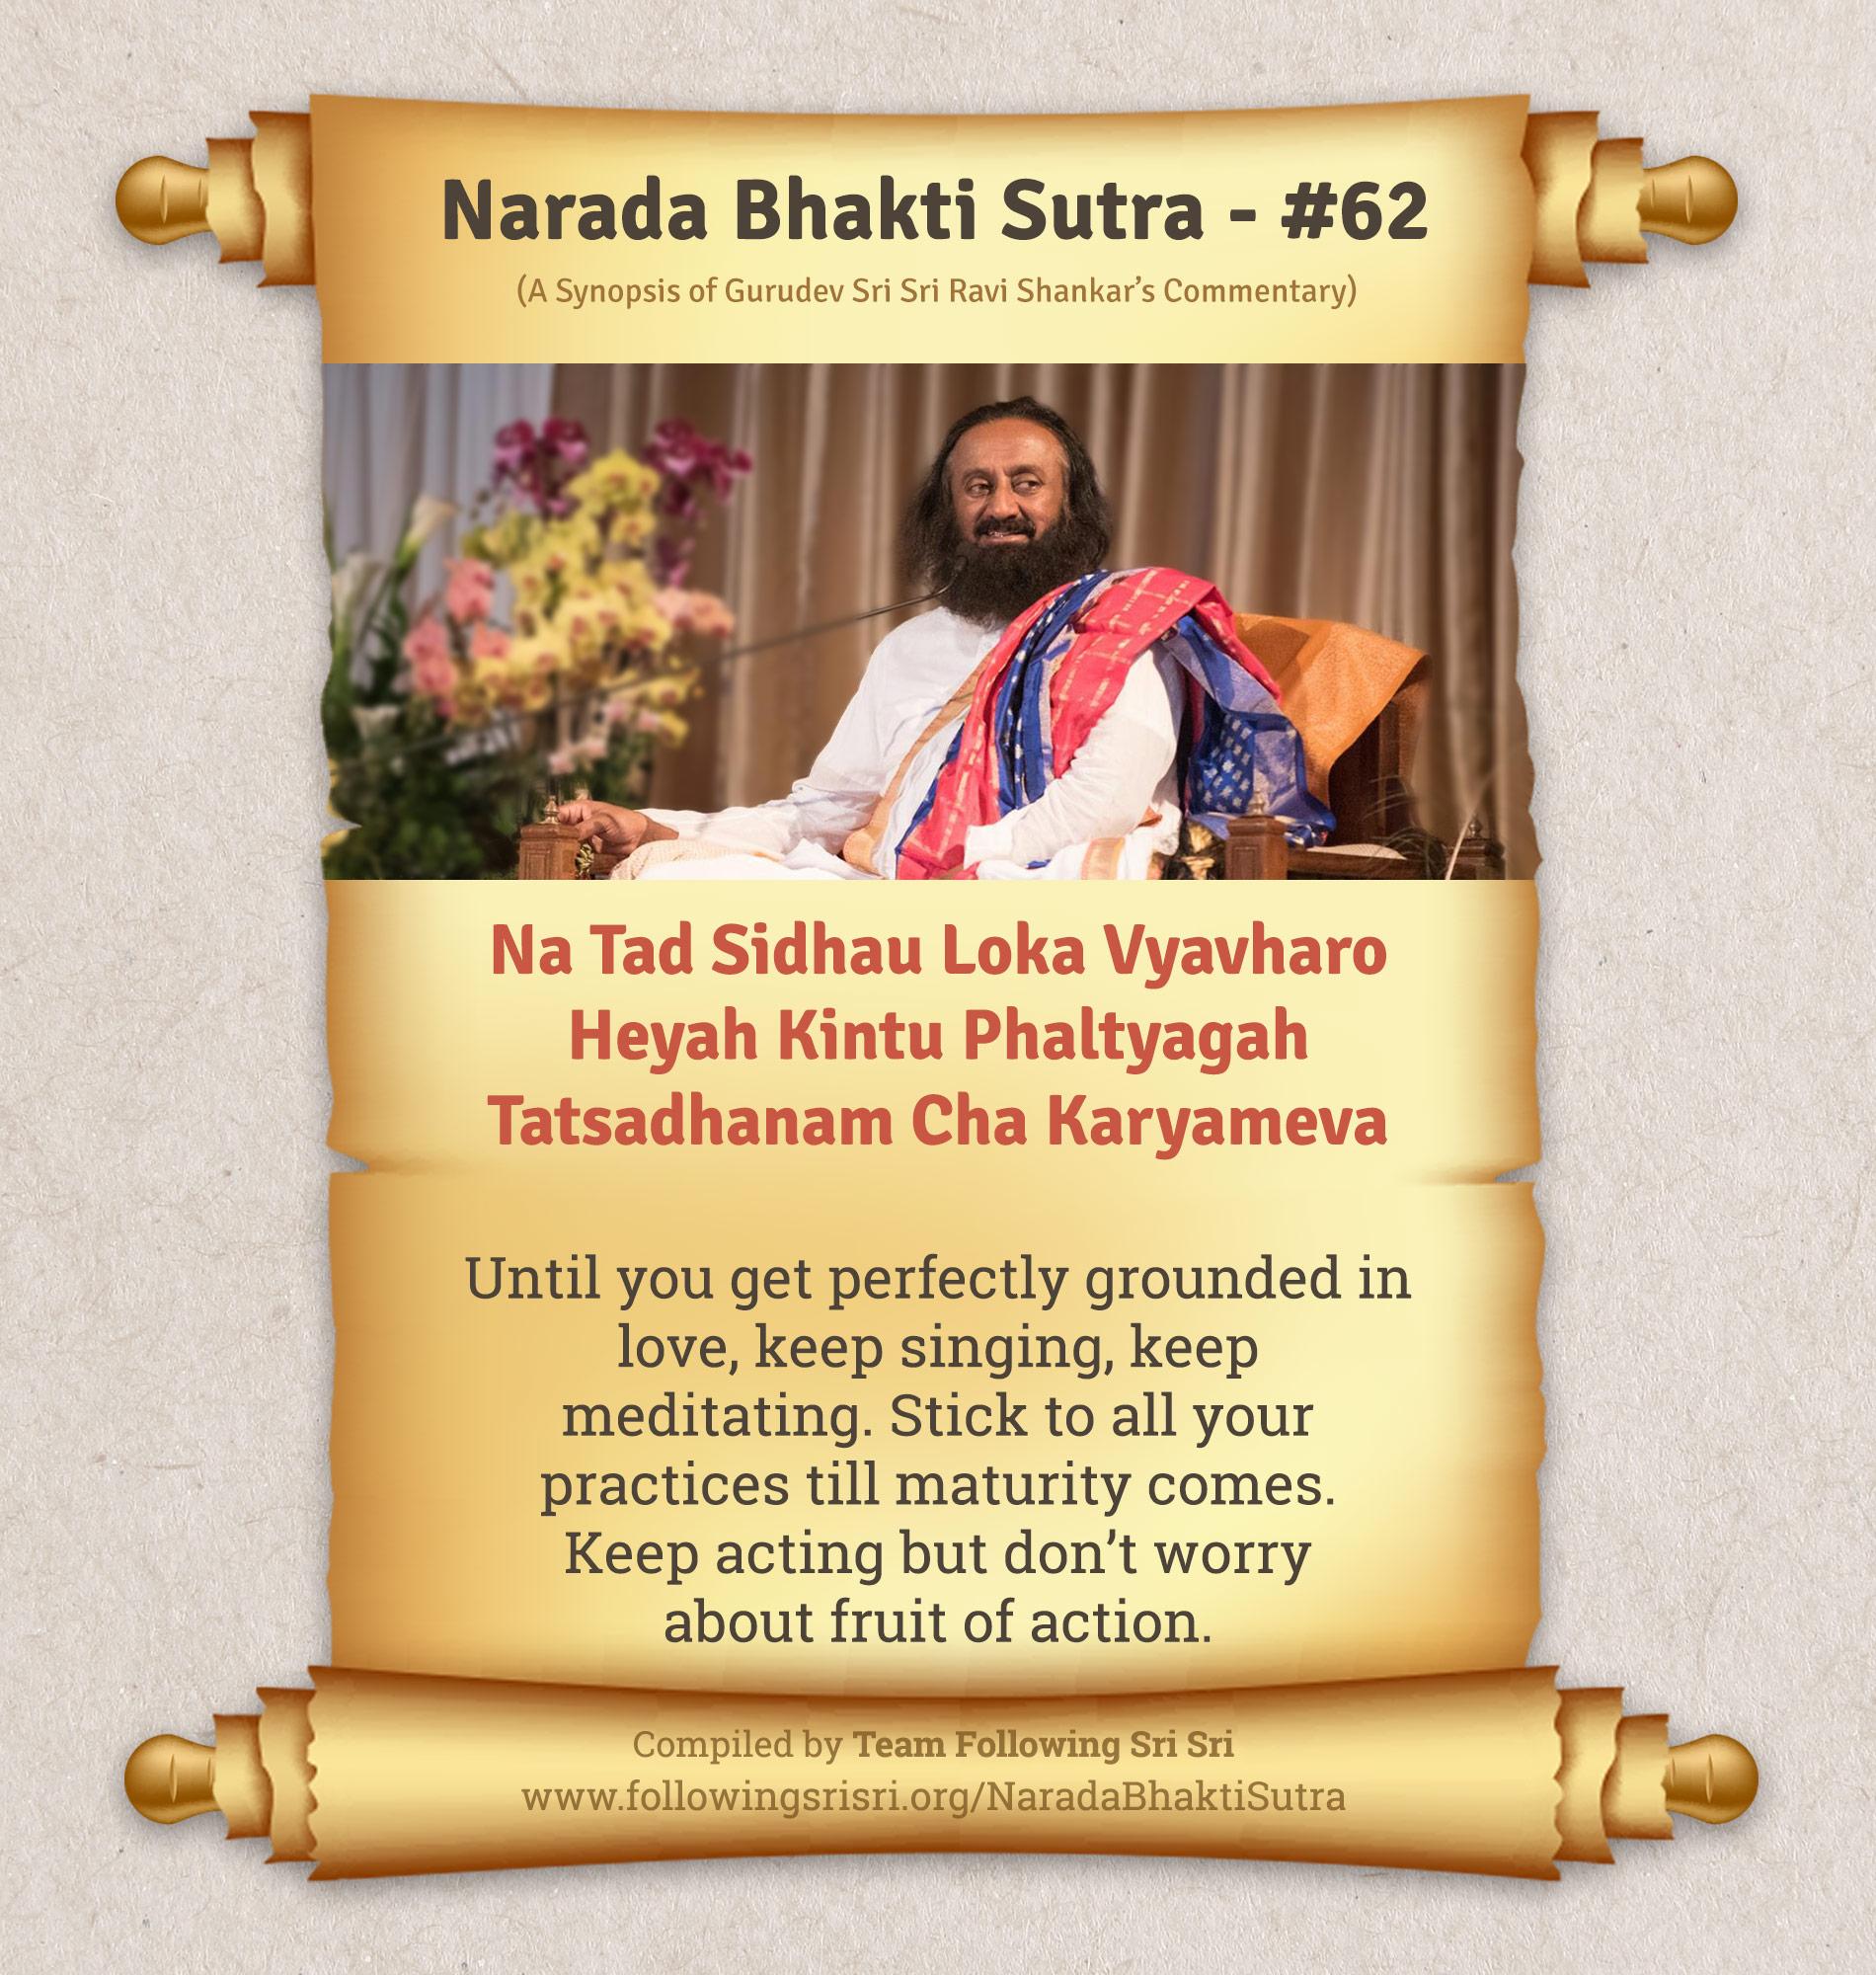 Narada Bhakti Sutras - Sutra 62